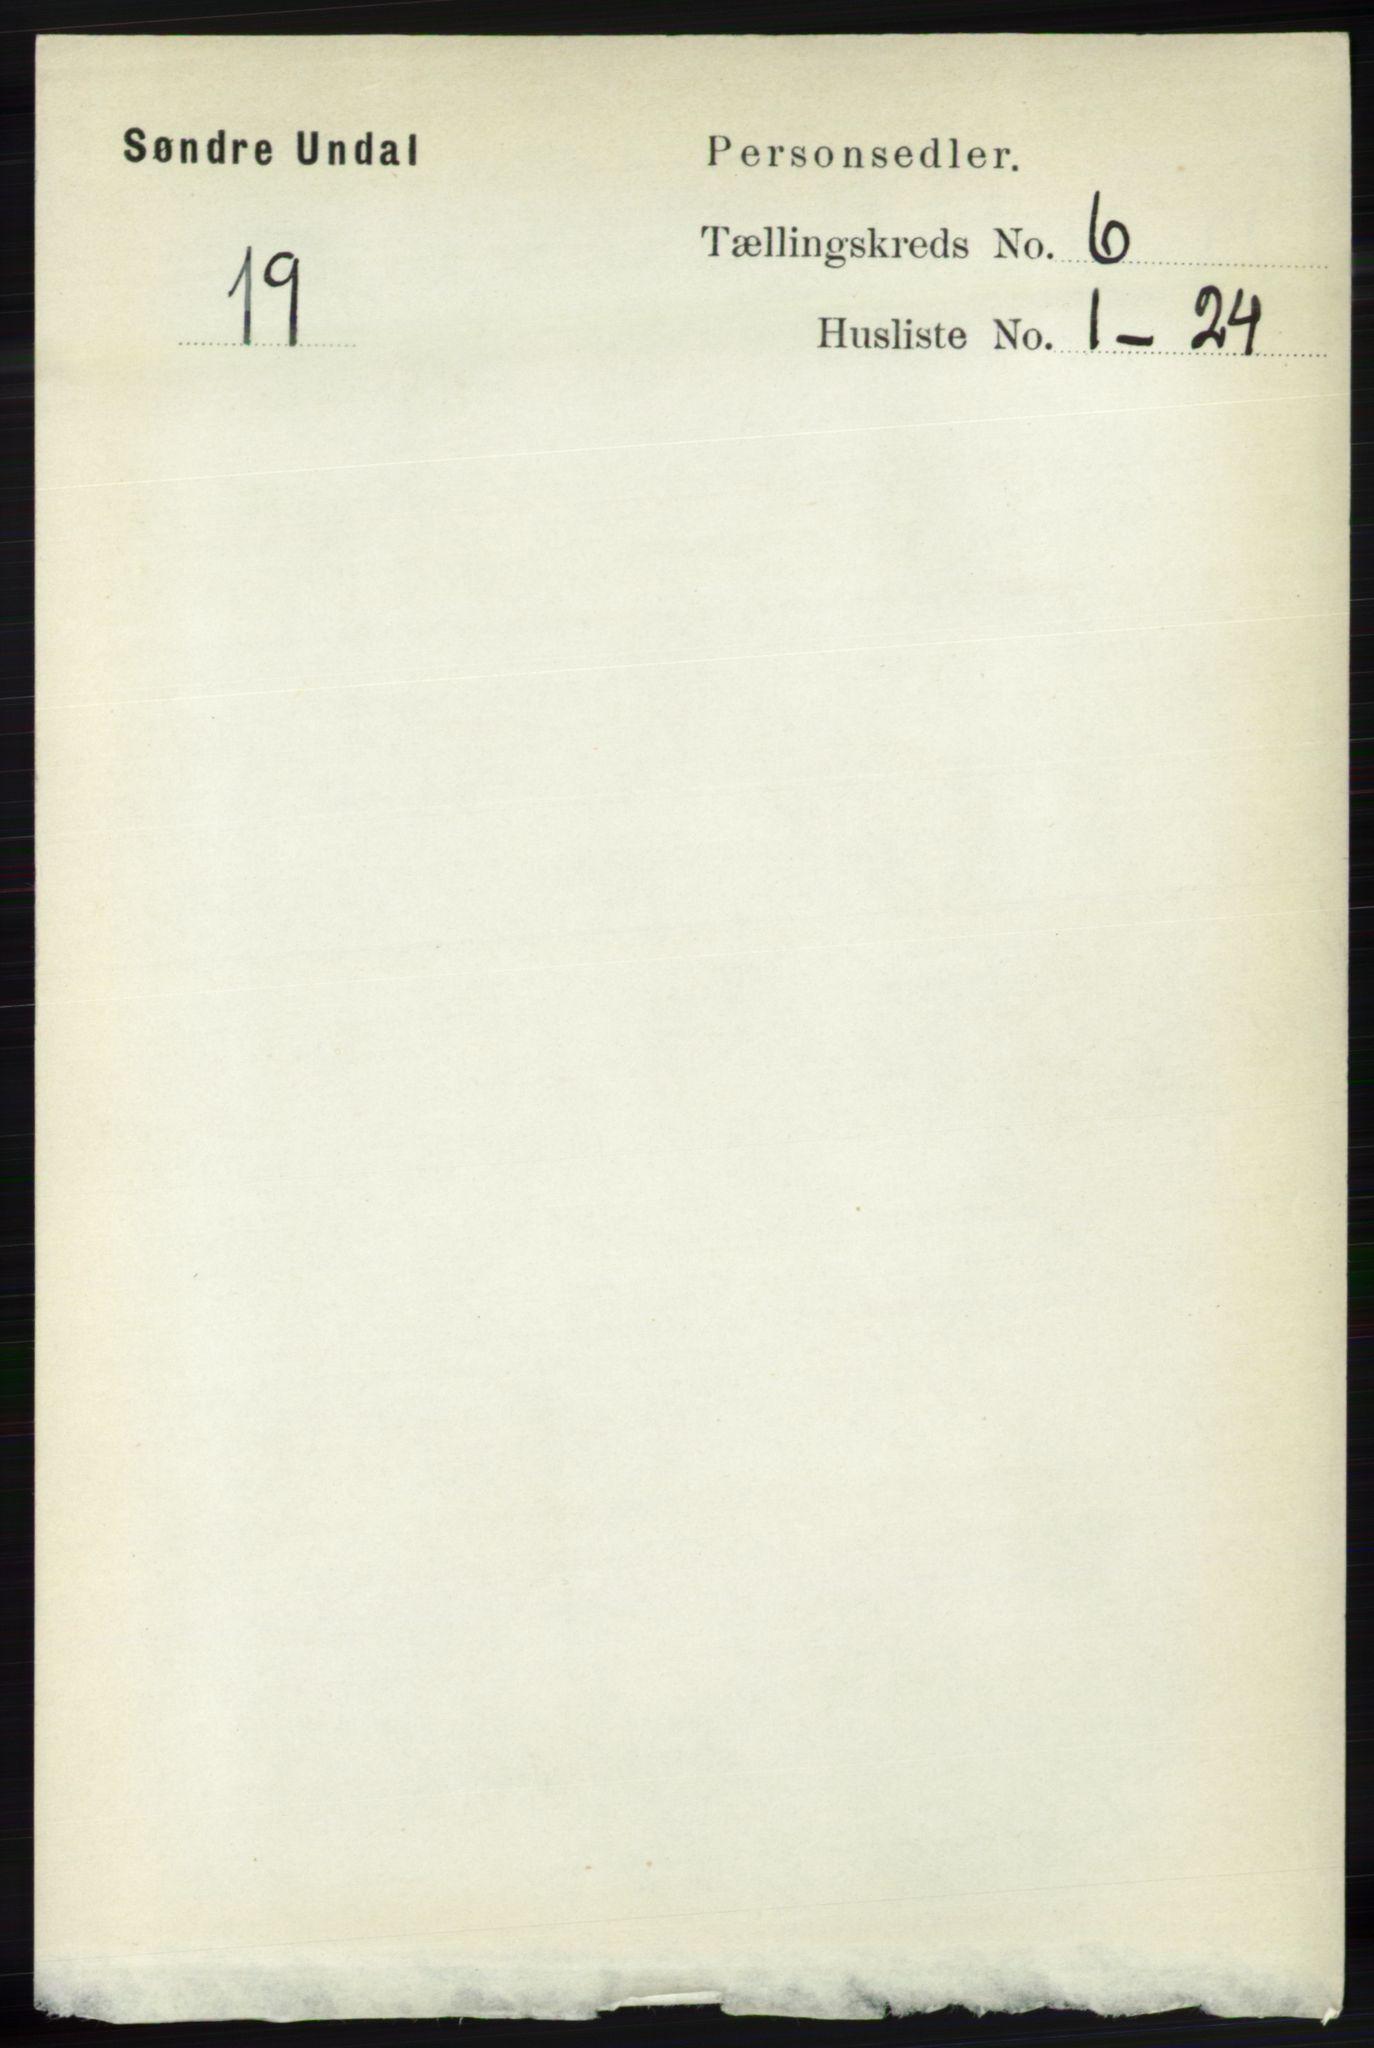 RA, Folketelling 1891 for 1029 Sør-Audnedal herred, 1891, s. 2287